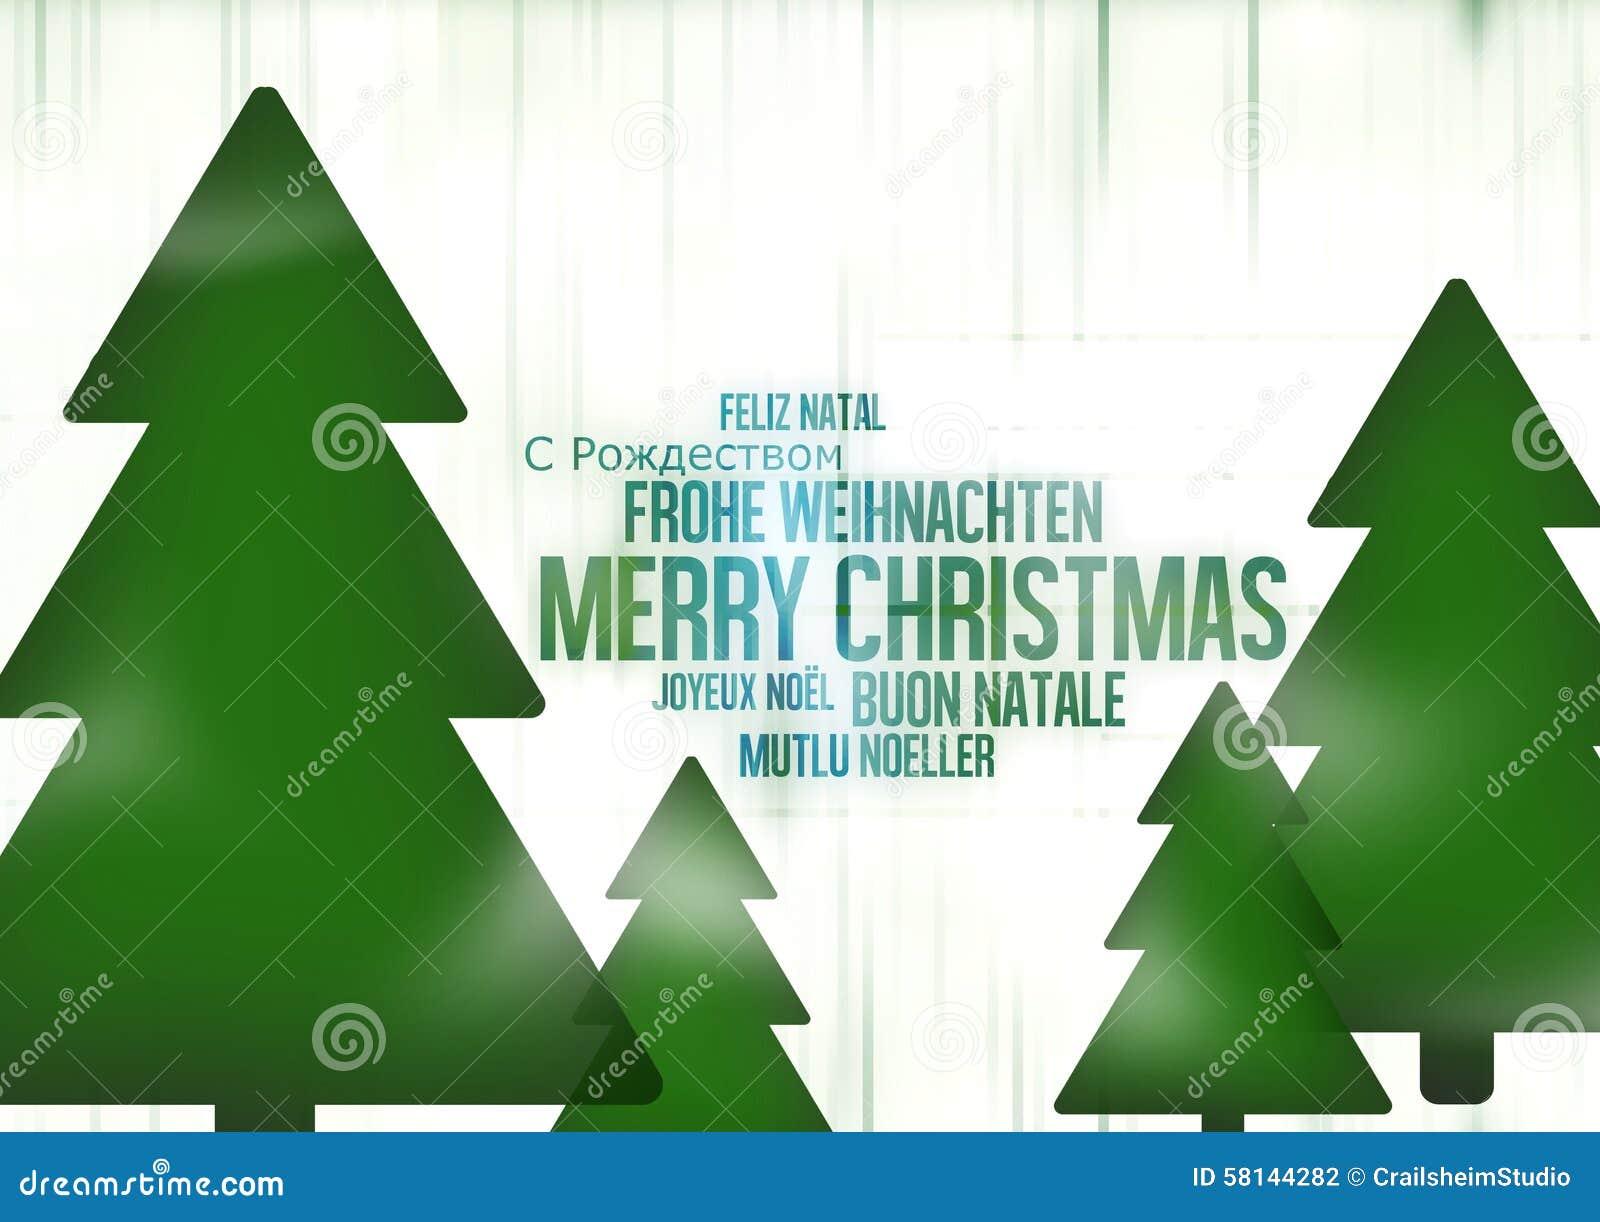 Weihnachtswünsche Modern.Mehrsprachige Frohe Weihnachten Stock Abbildung Illustration Von